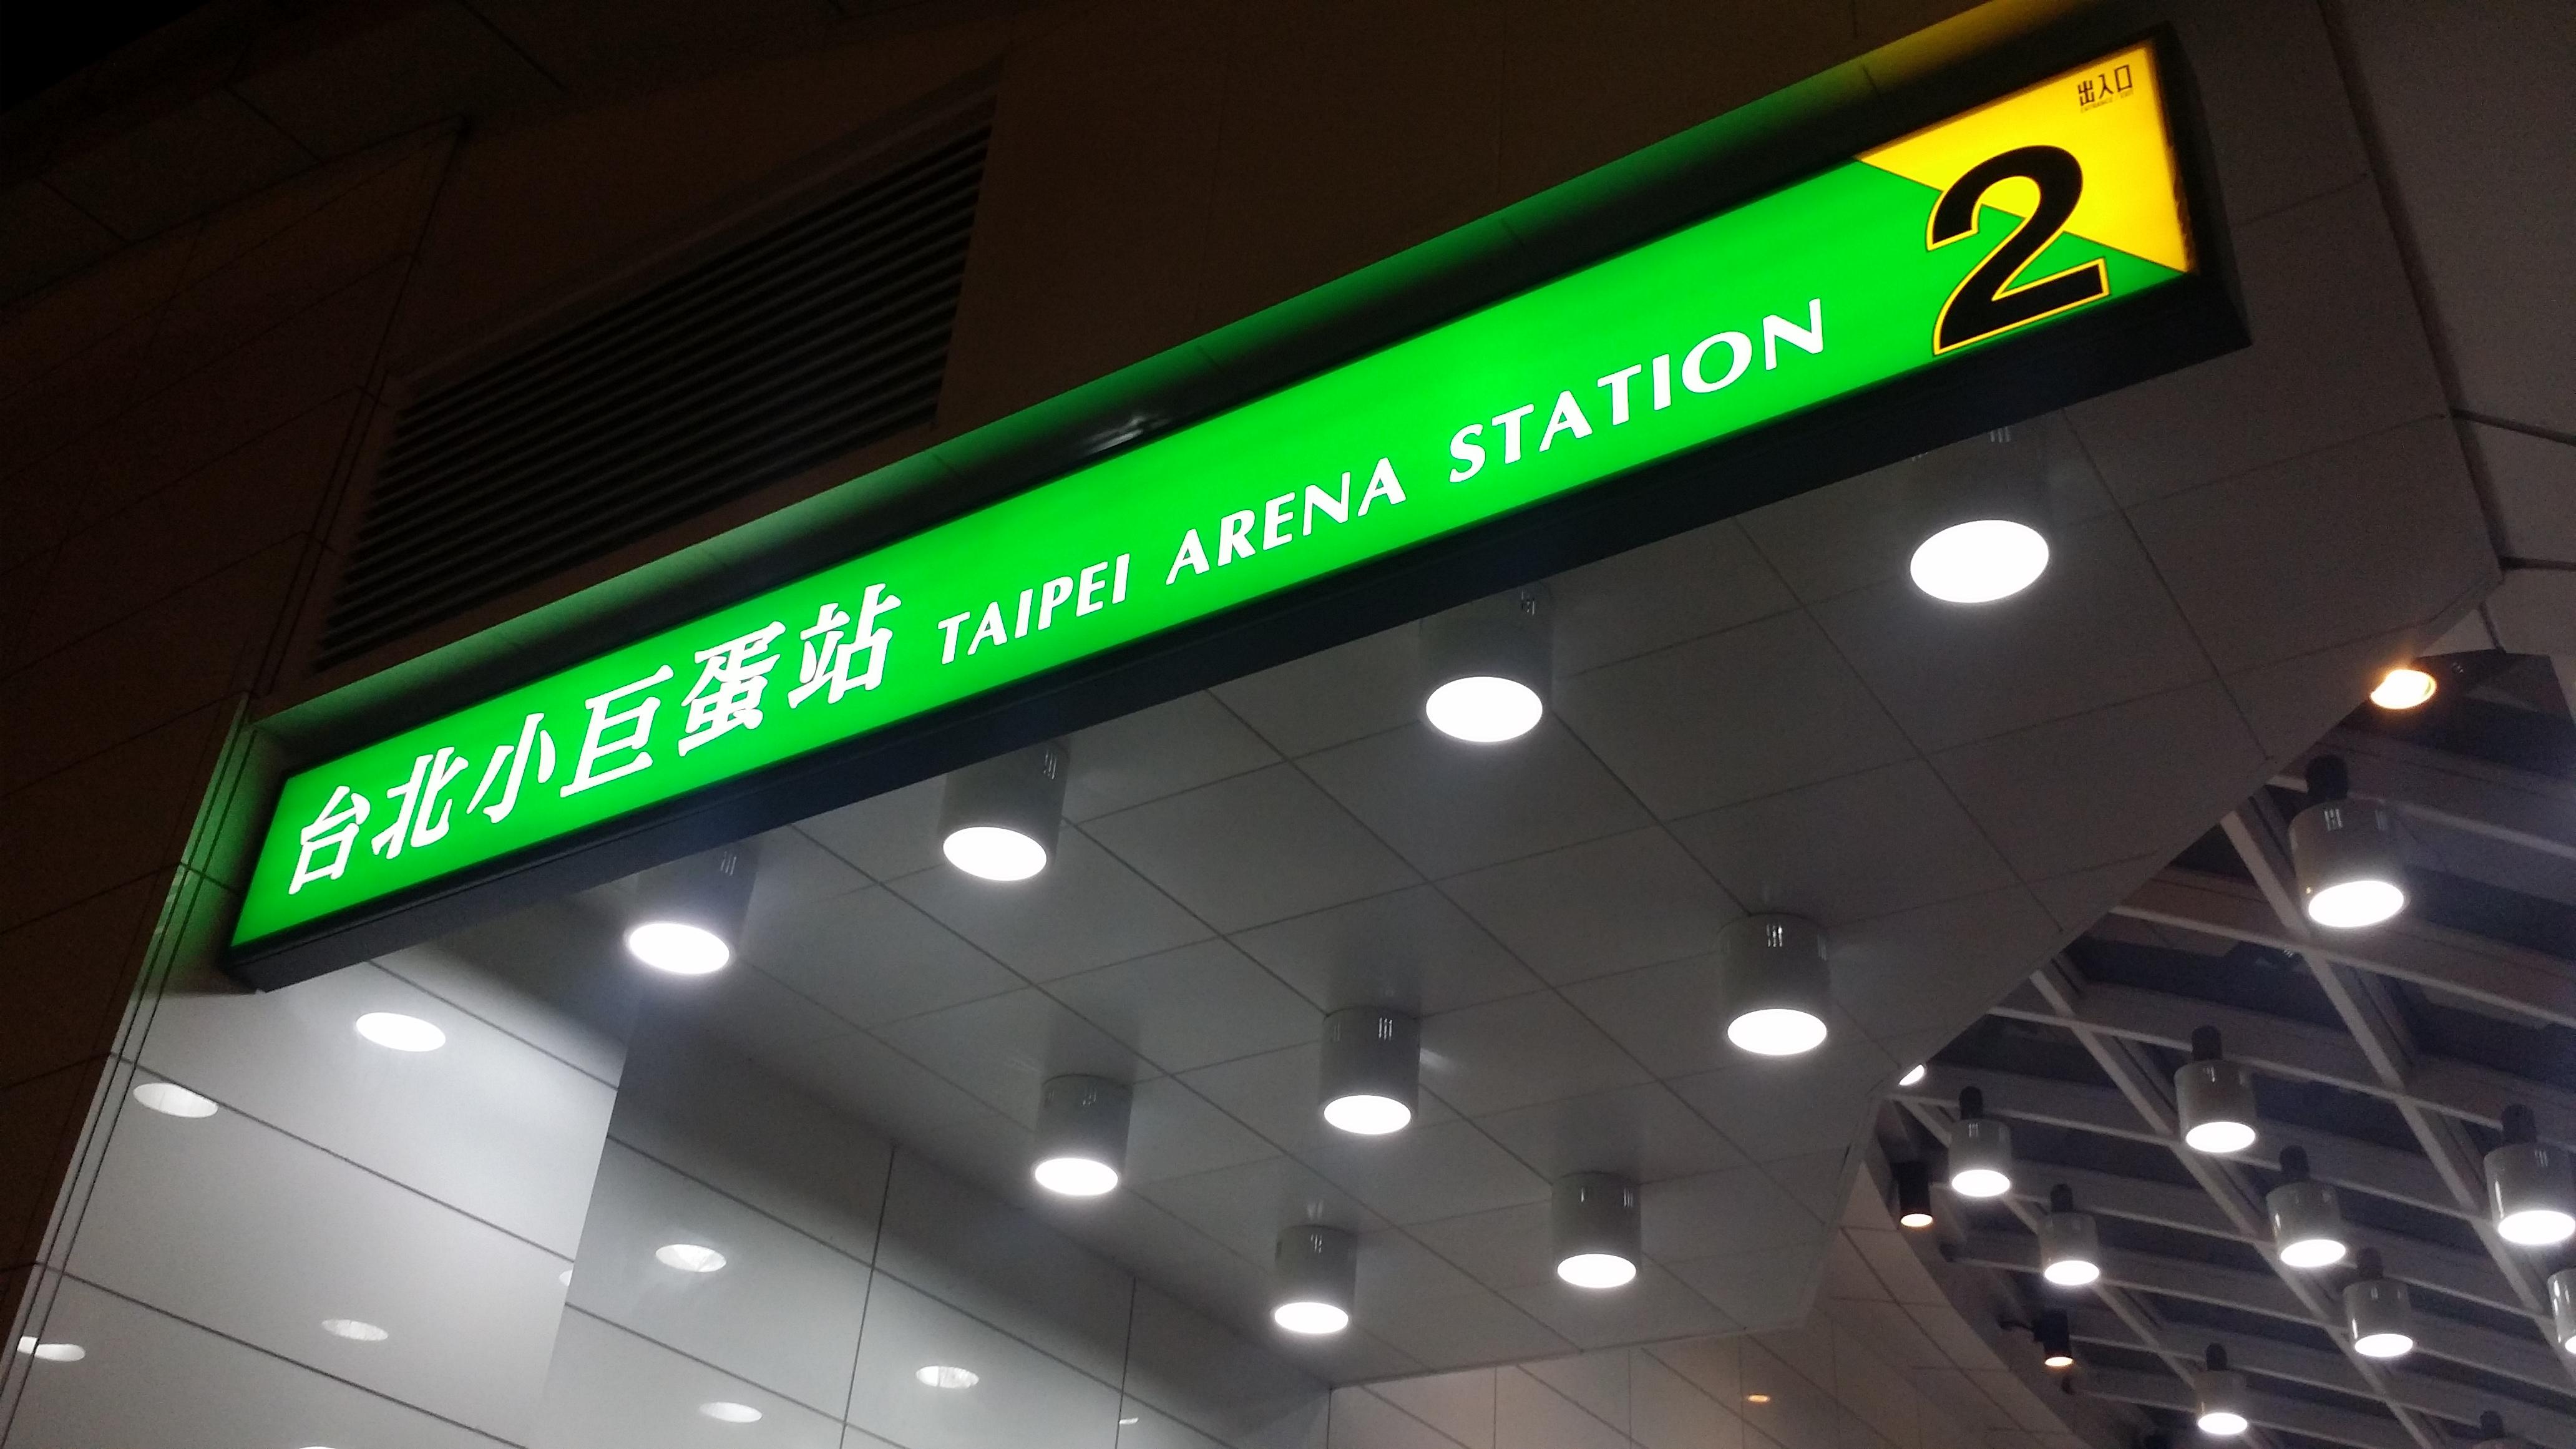 再會啦,台北小巨蛋